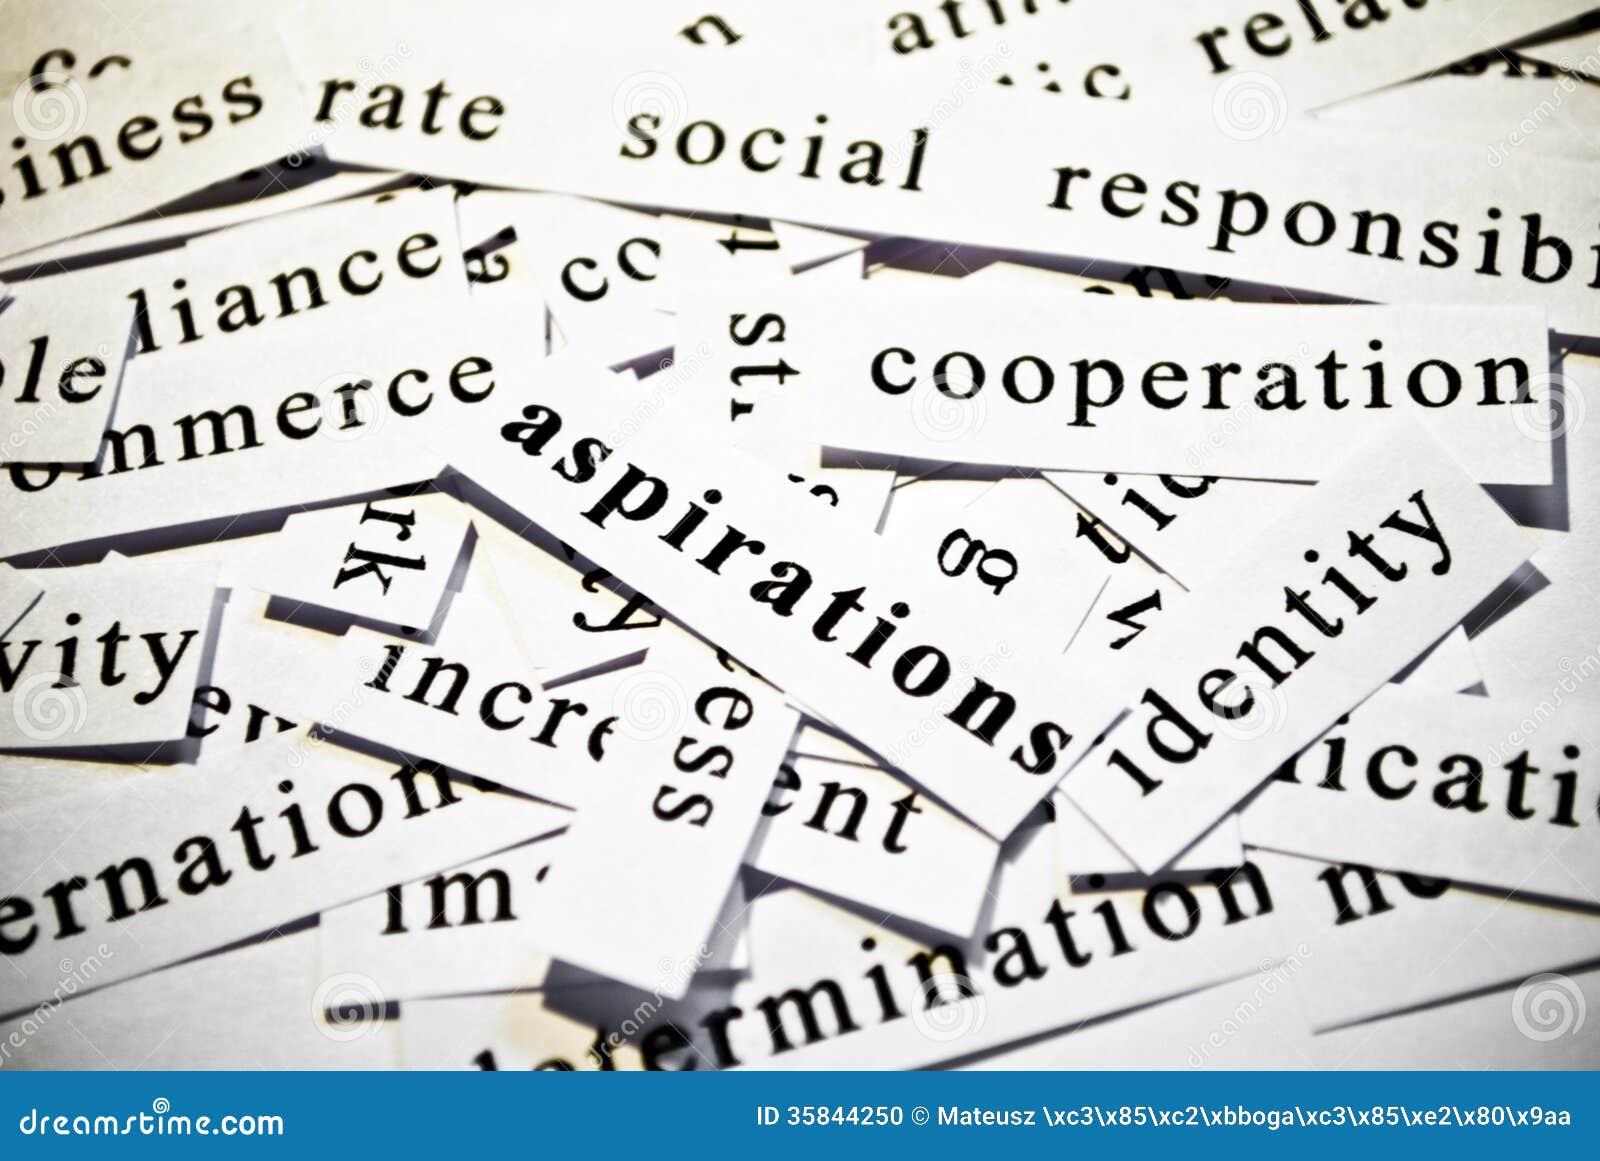 Aspirations. Concept des mots de coupe-circuit connexes avec des affaires.